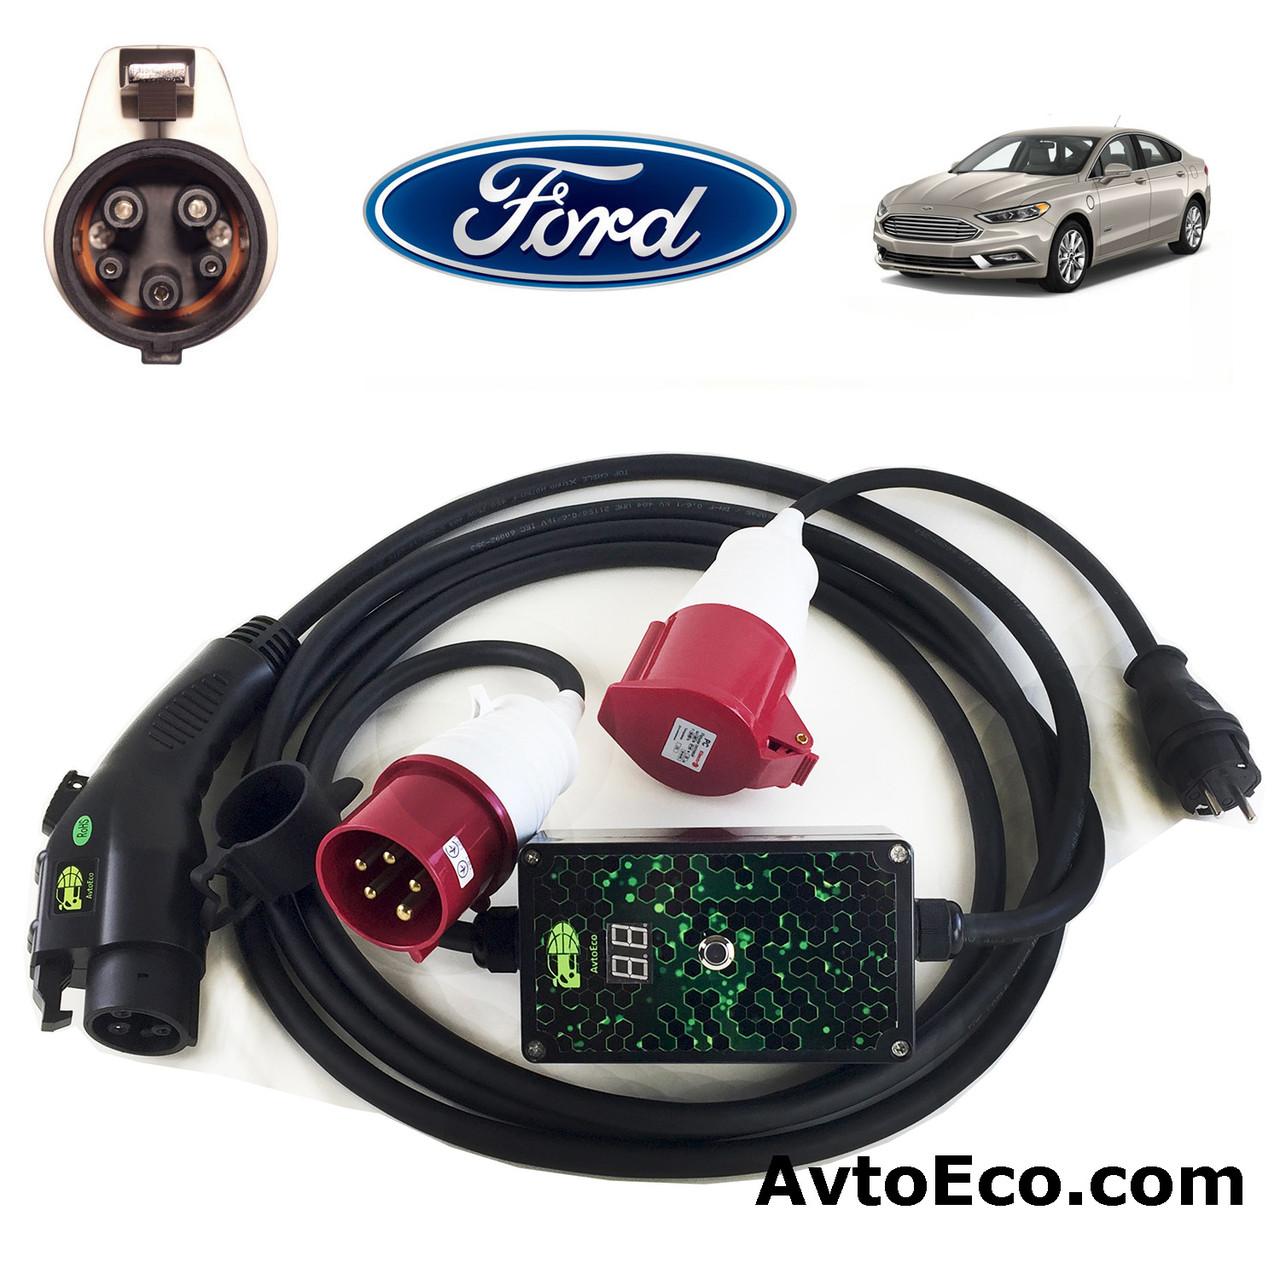 Зарядное устройство для электромобиля Ford Fusion Energi AutoEco J1772-32A-BOX